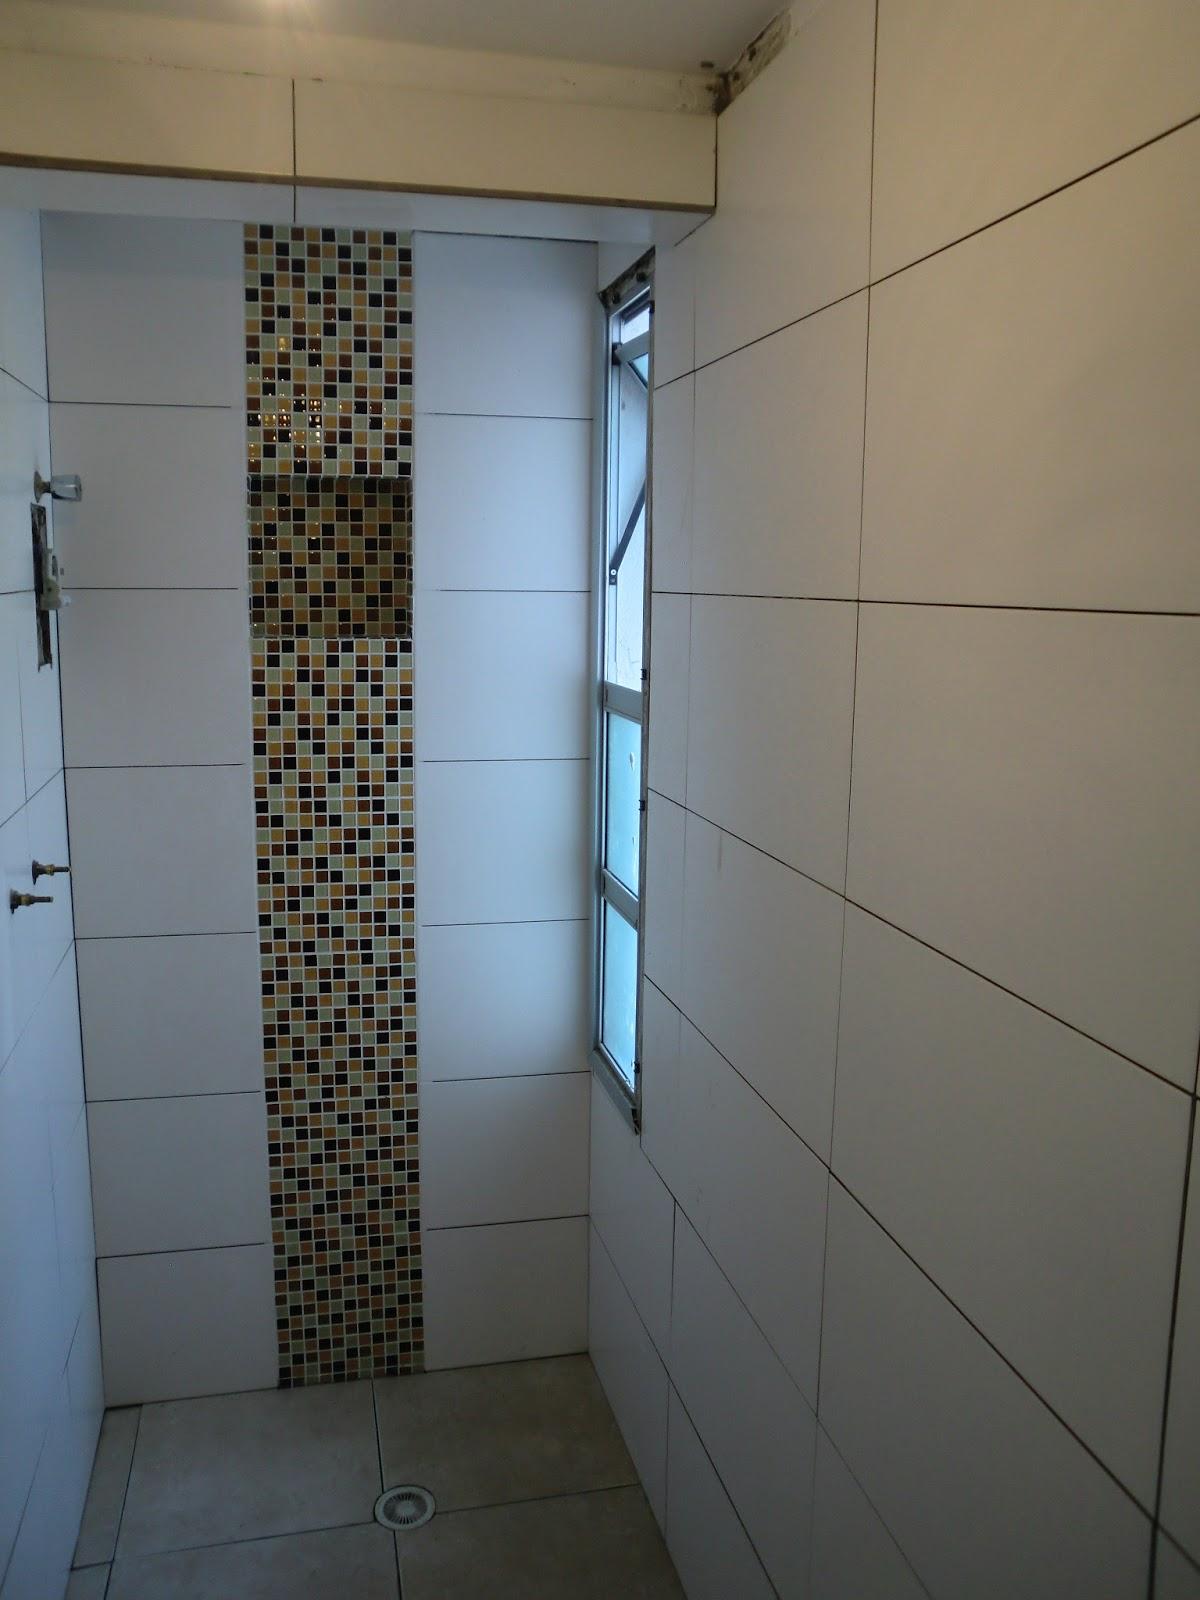 Imagens de #0984C2 Banheiro pequeno reformado com pastilha rejuntando revestimentos  1200x1600 px 3698 Banheiros Prontos Fotos